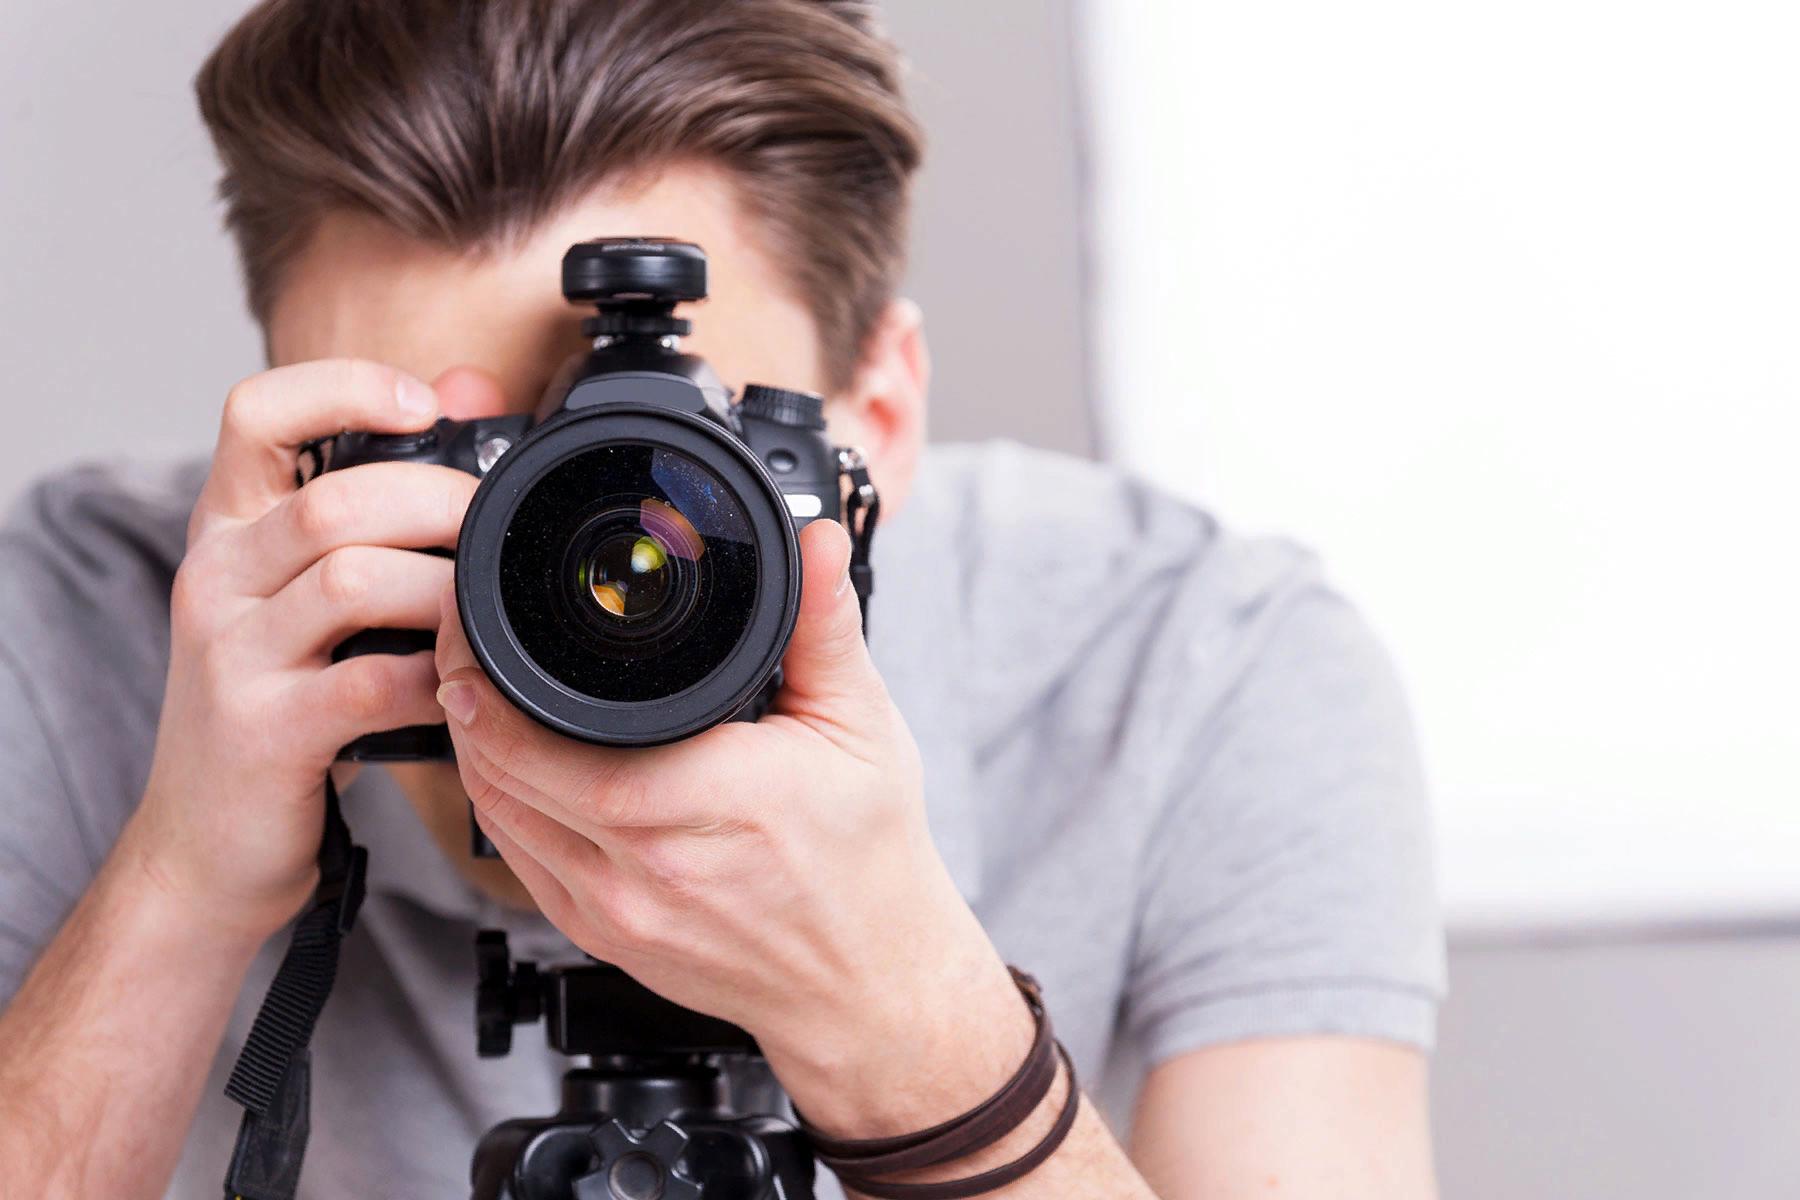 7 хобби, которые способствуют привлекательности мужчин